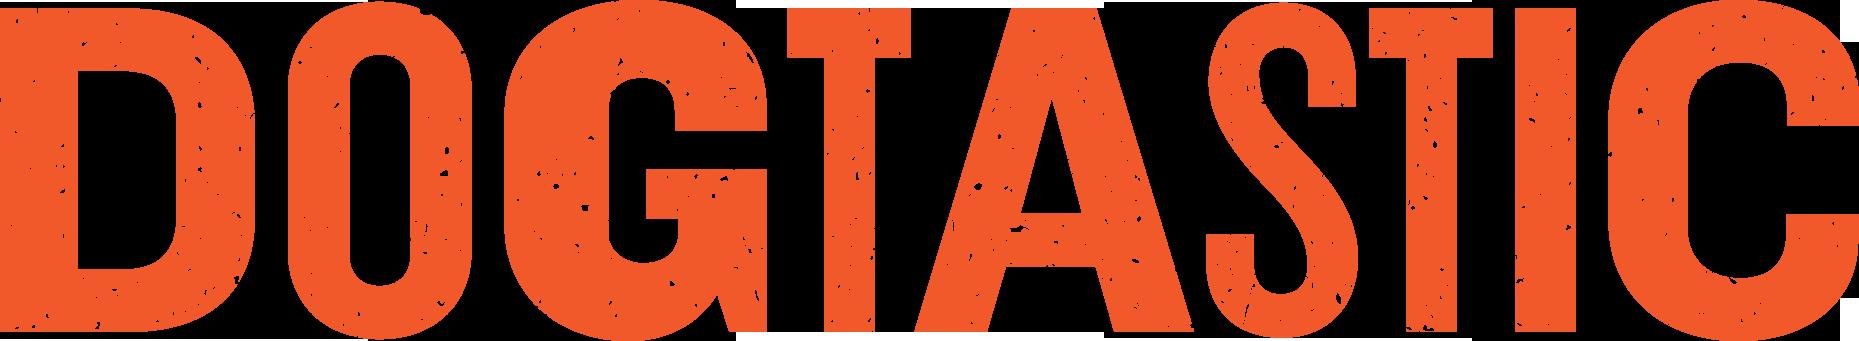 Dogtastic Logo Image